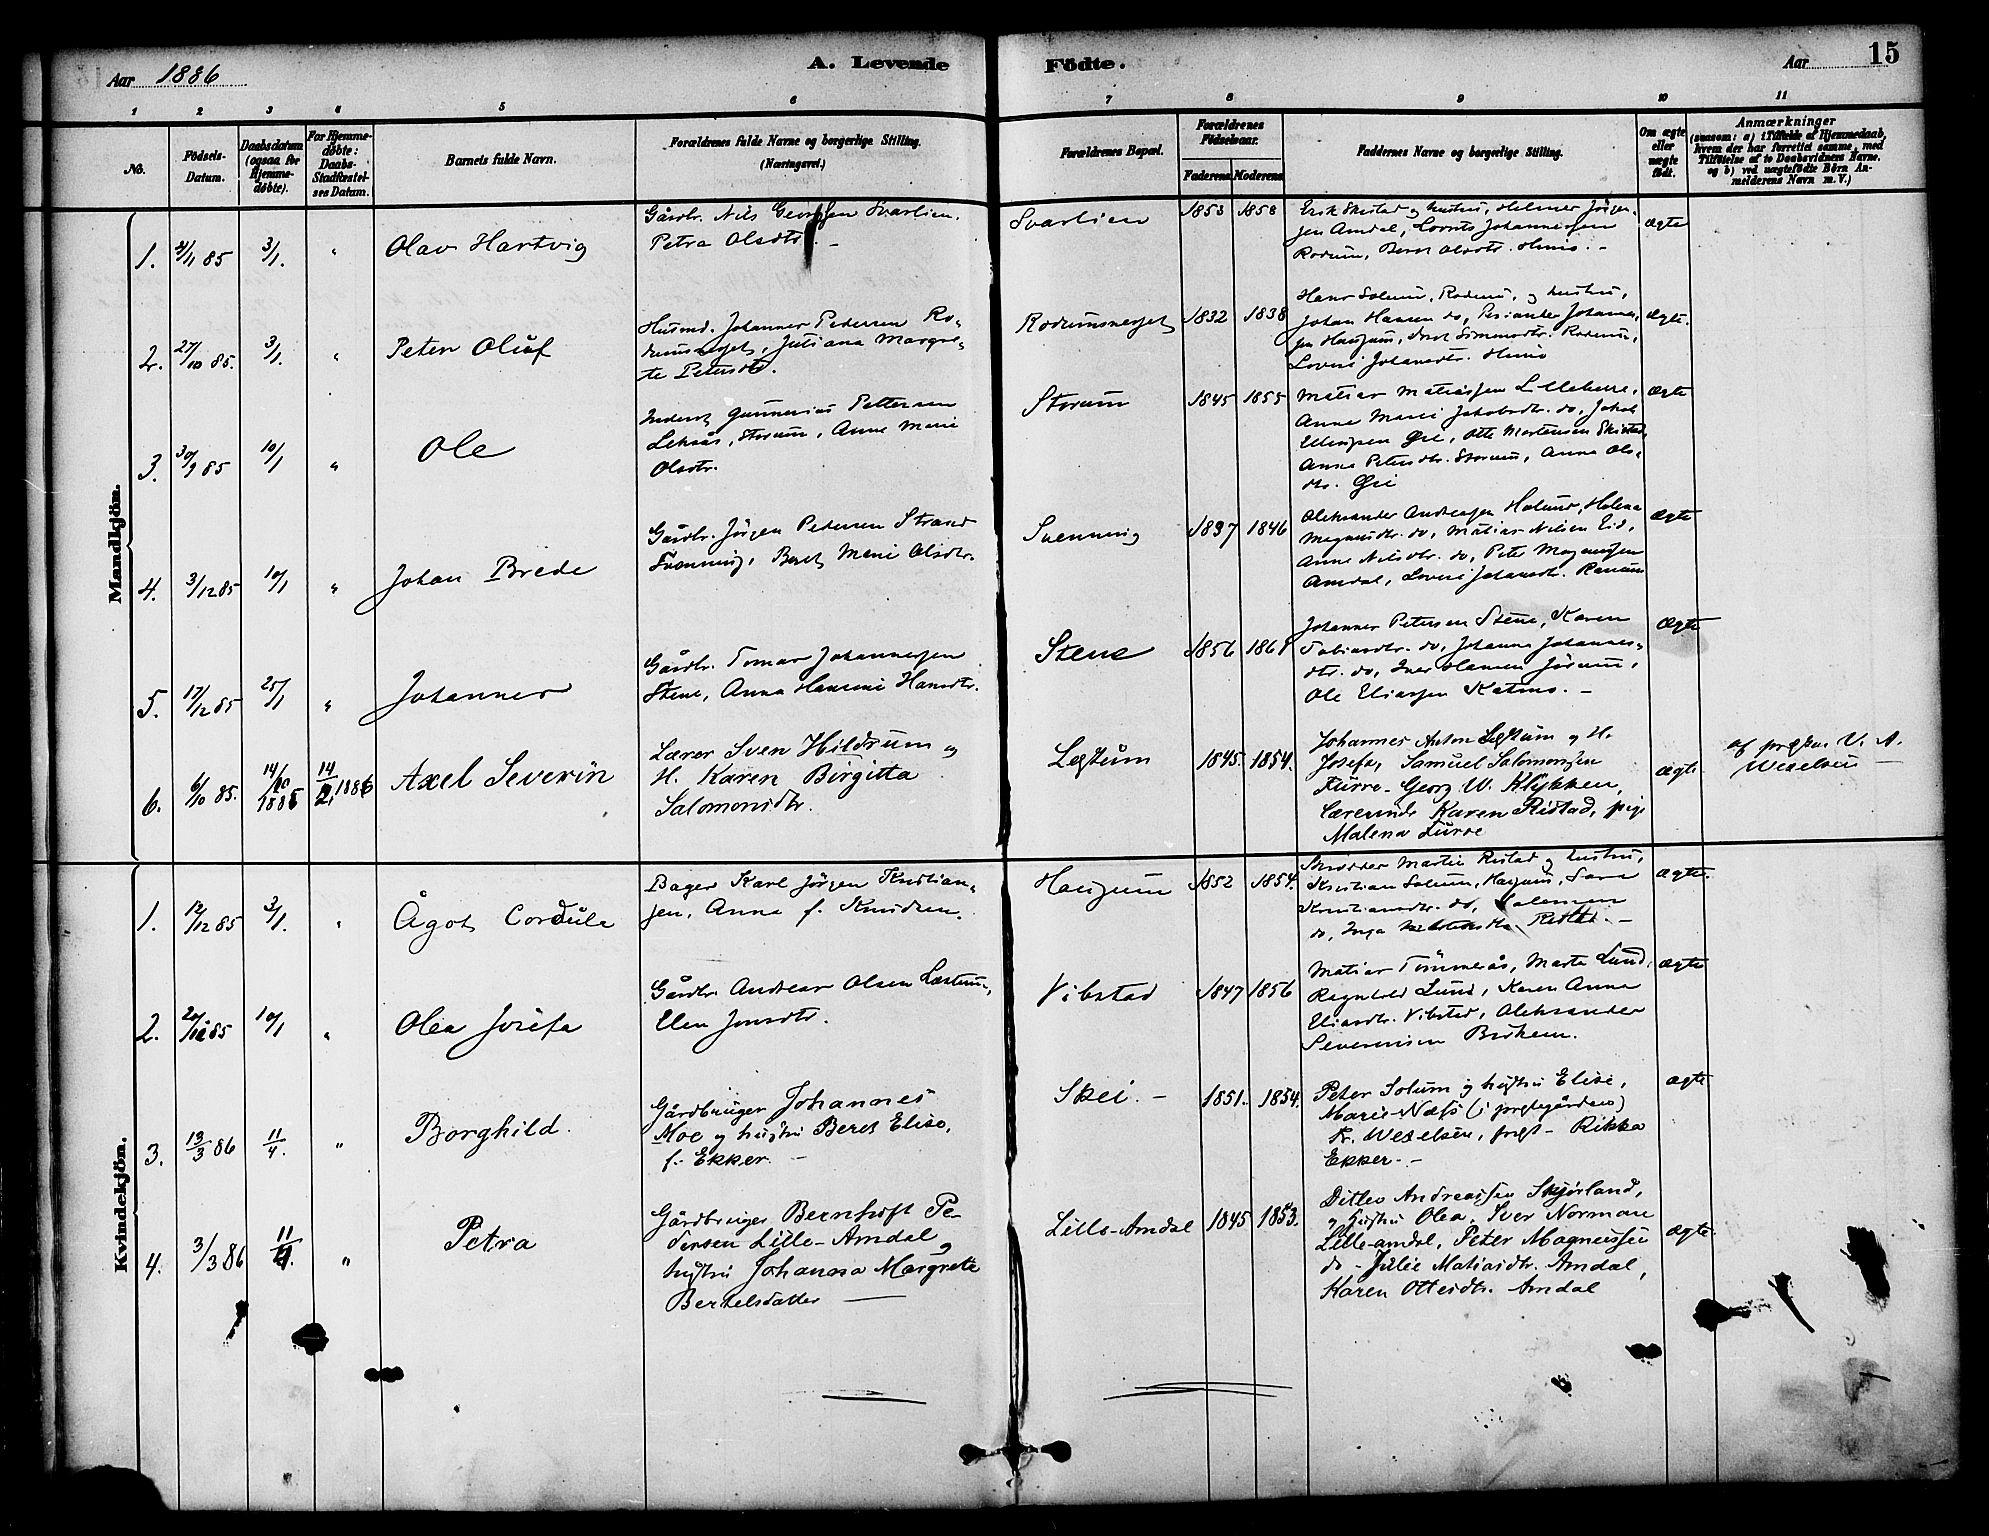 SAT, Ministerialprotokoller, klokkerbøker og fødselsregistre - Nord-Trøndelag, 764/L0555: Ministerialbok nr. 764A10, 1881-1896, s. 15